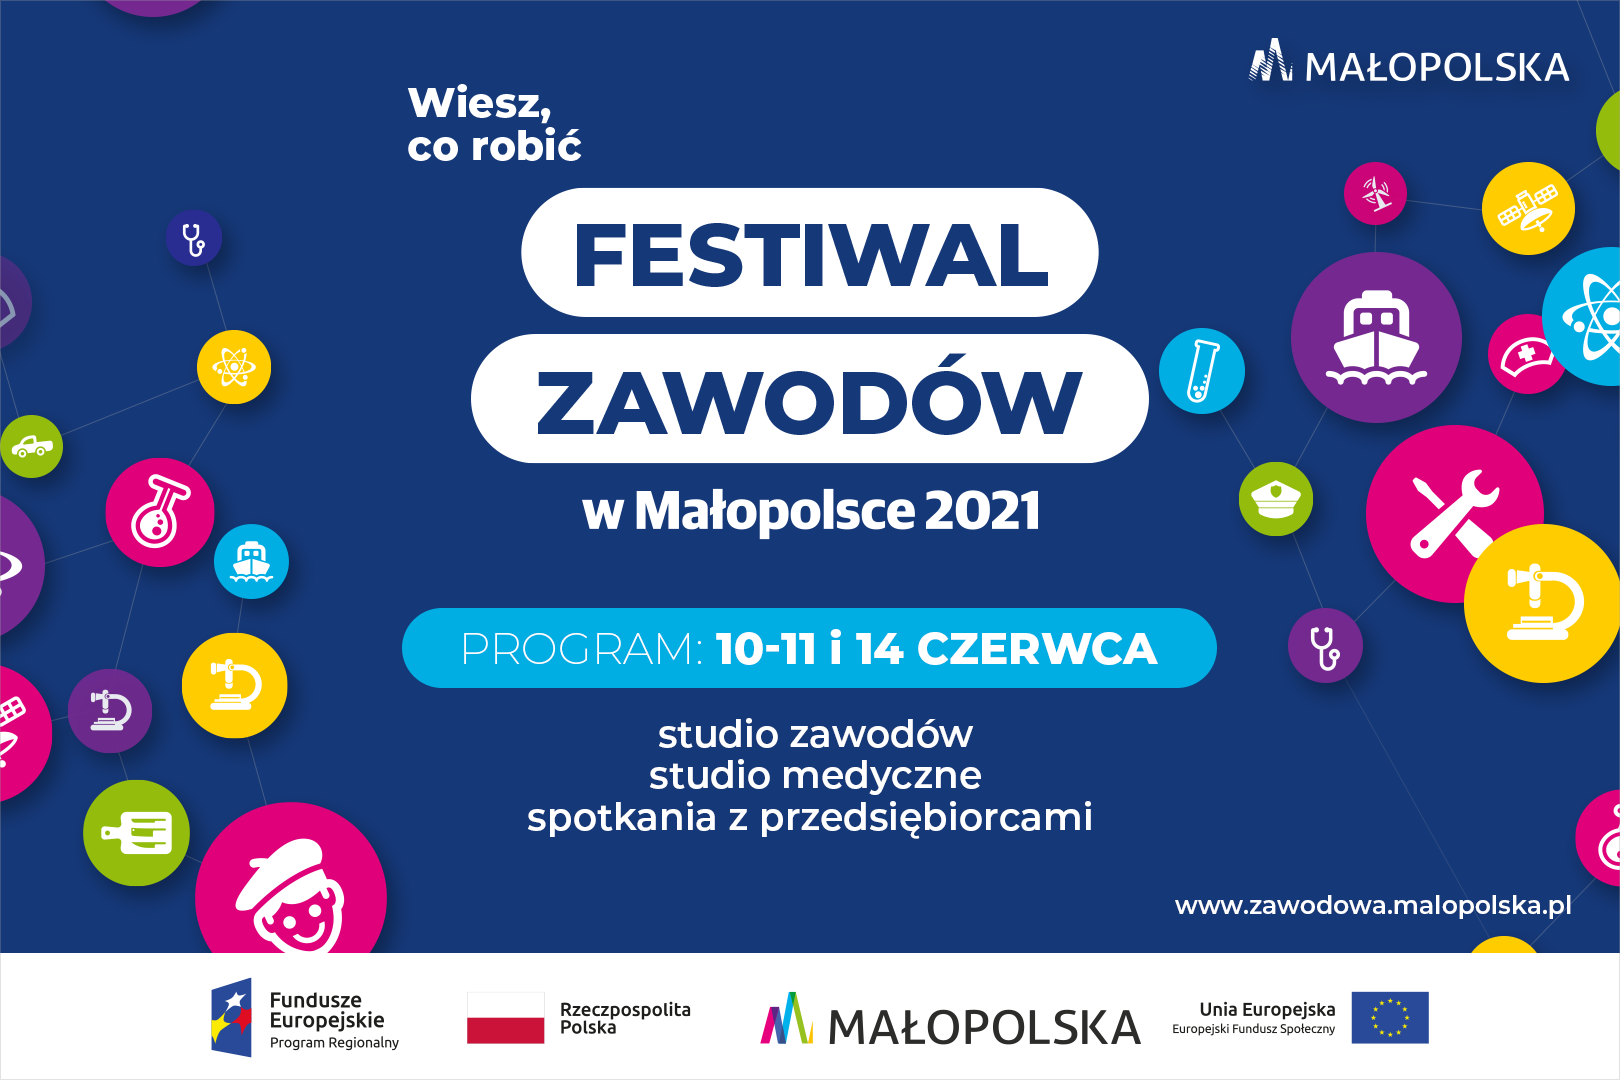 Festiwal Zawodów z udziałem Podhalańskiej Państwowej Uczelni Zawodowej w Nowym Targu